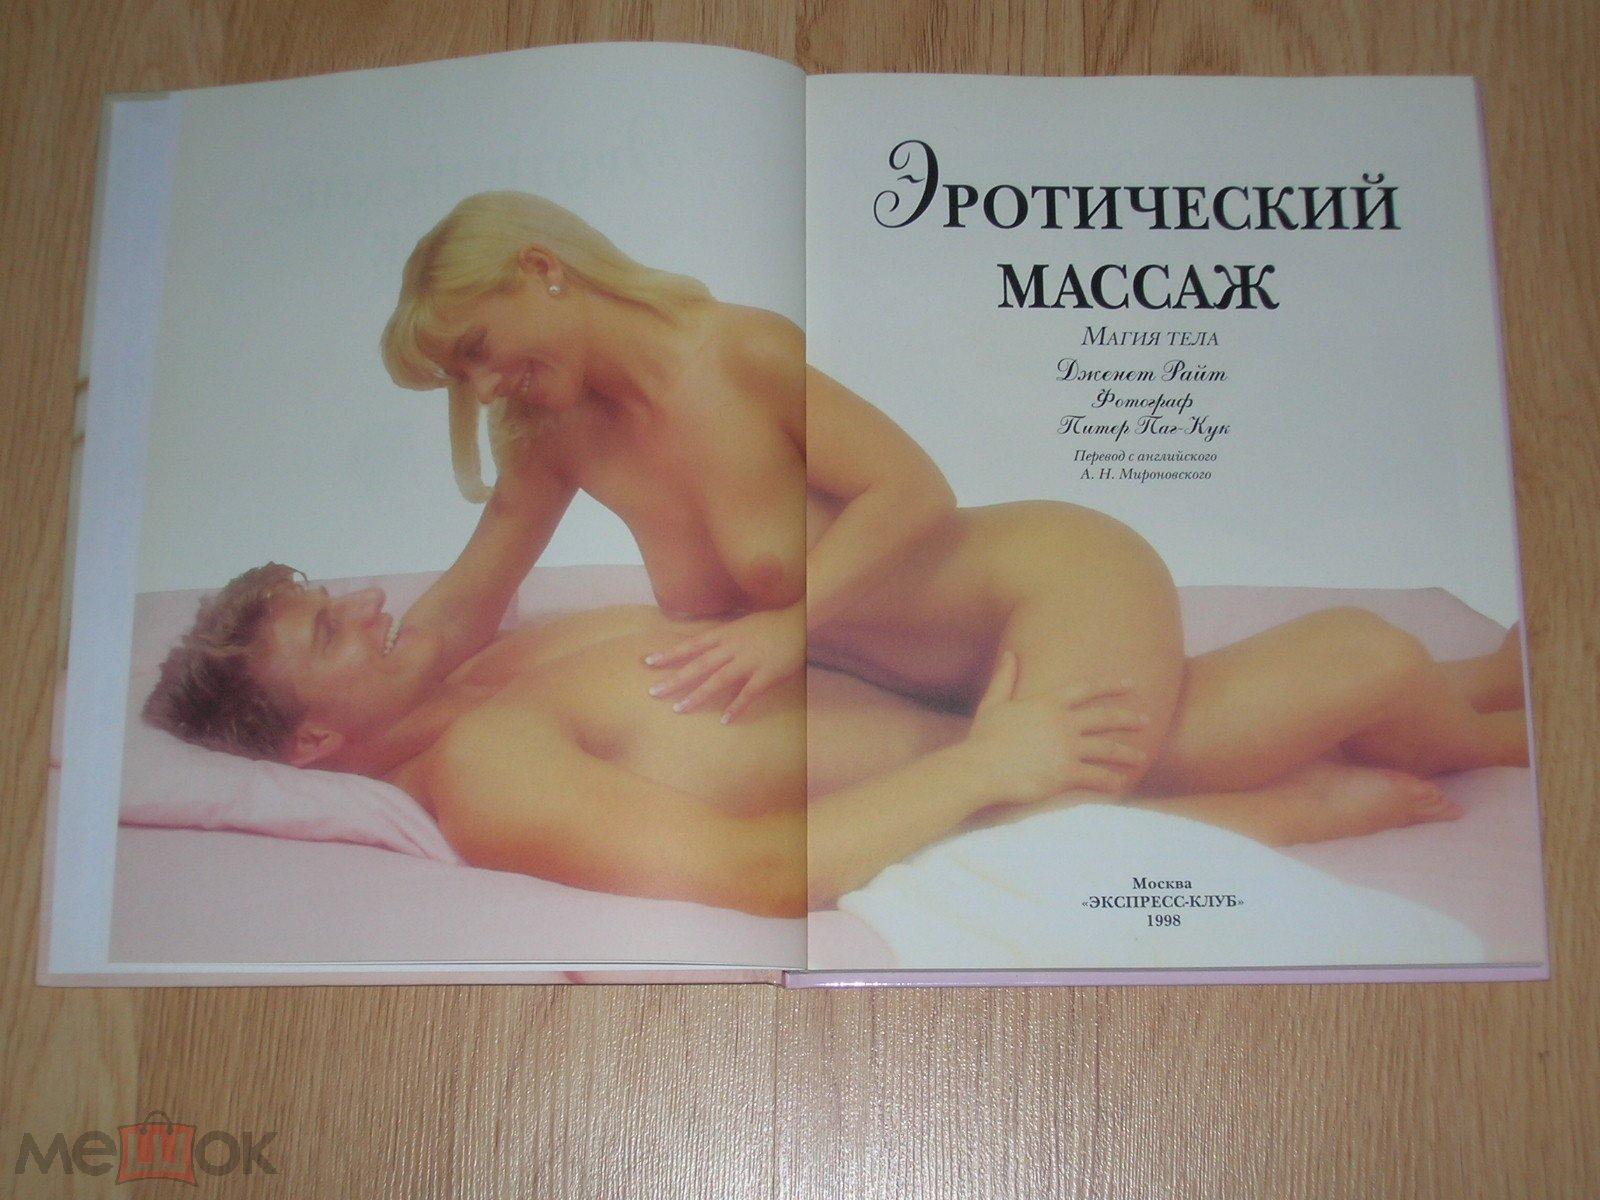 Книга об эротическом массаже возбудить девушку эротическим массажем